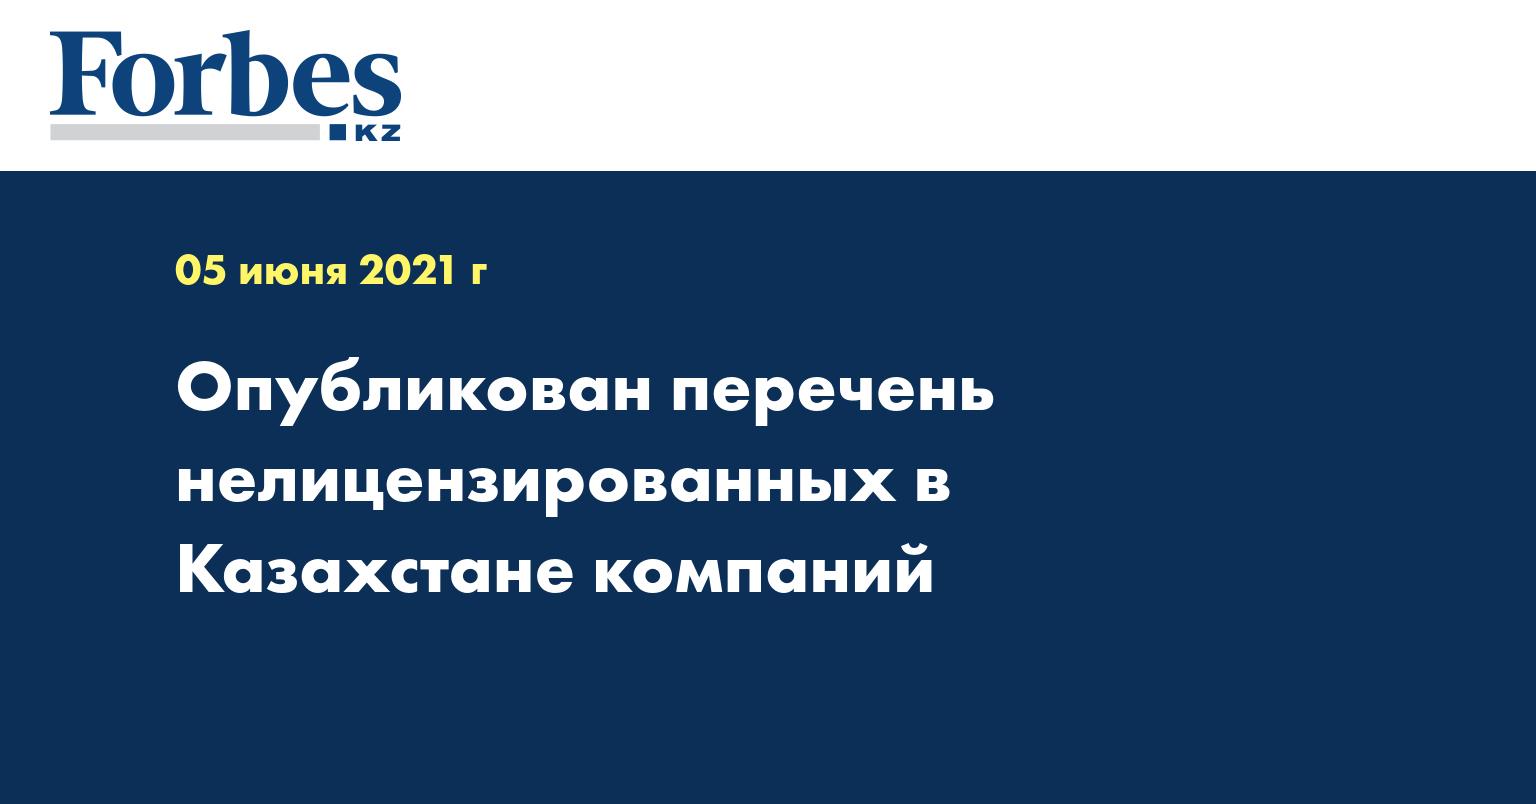 Опубликован перечень нелицензированных в Казахстане компаний